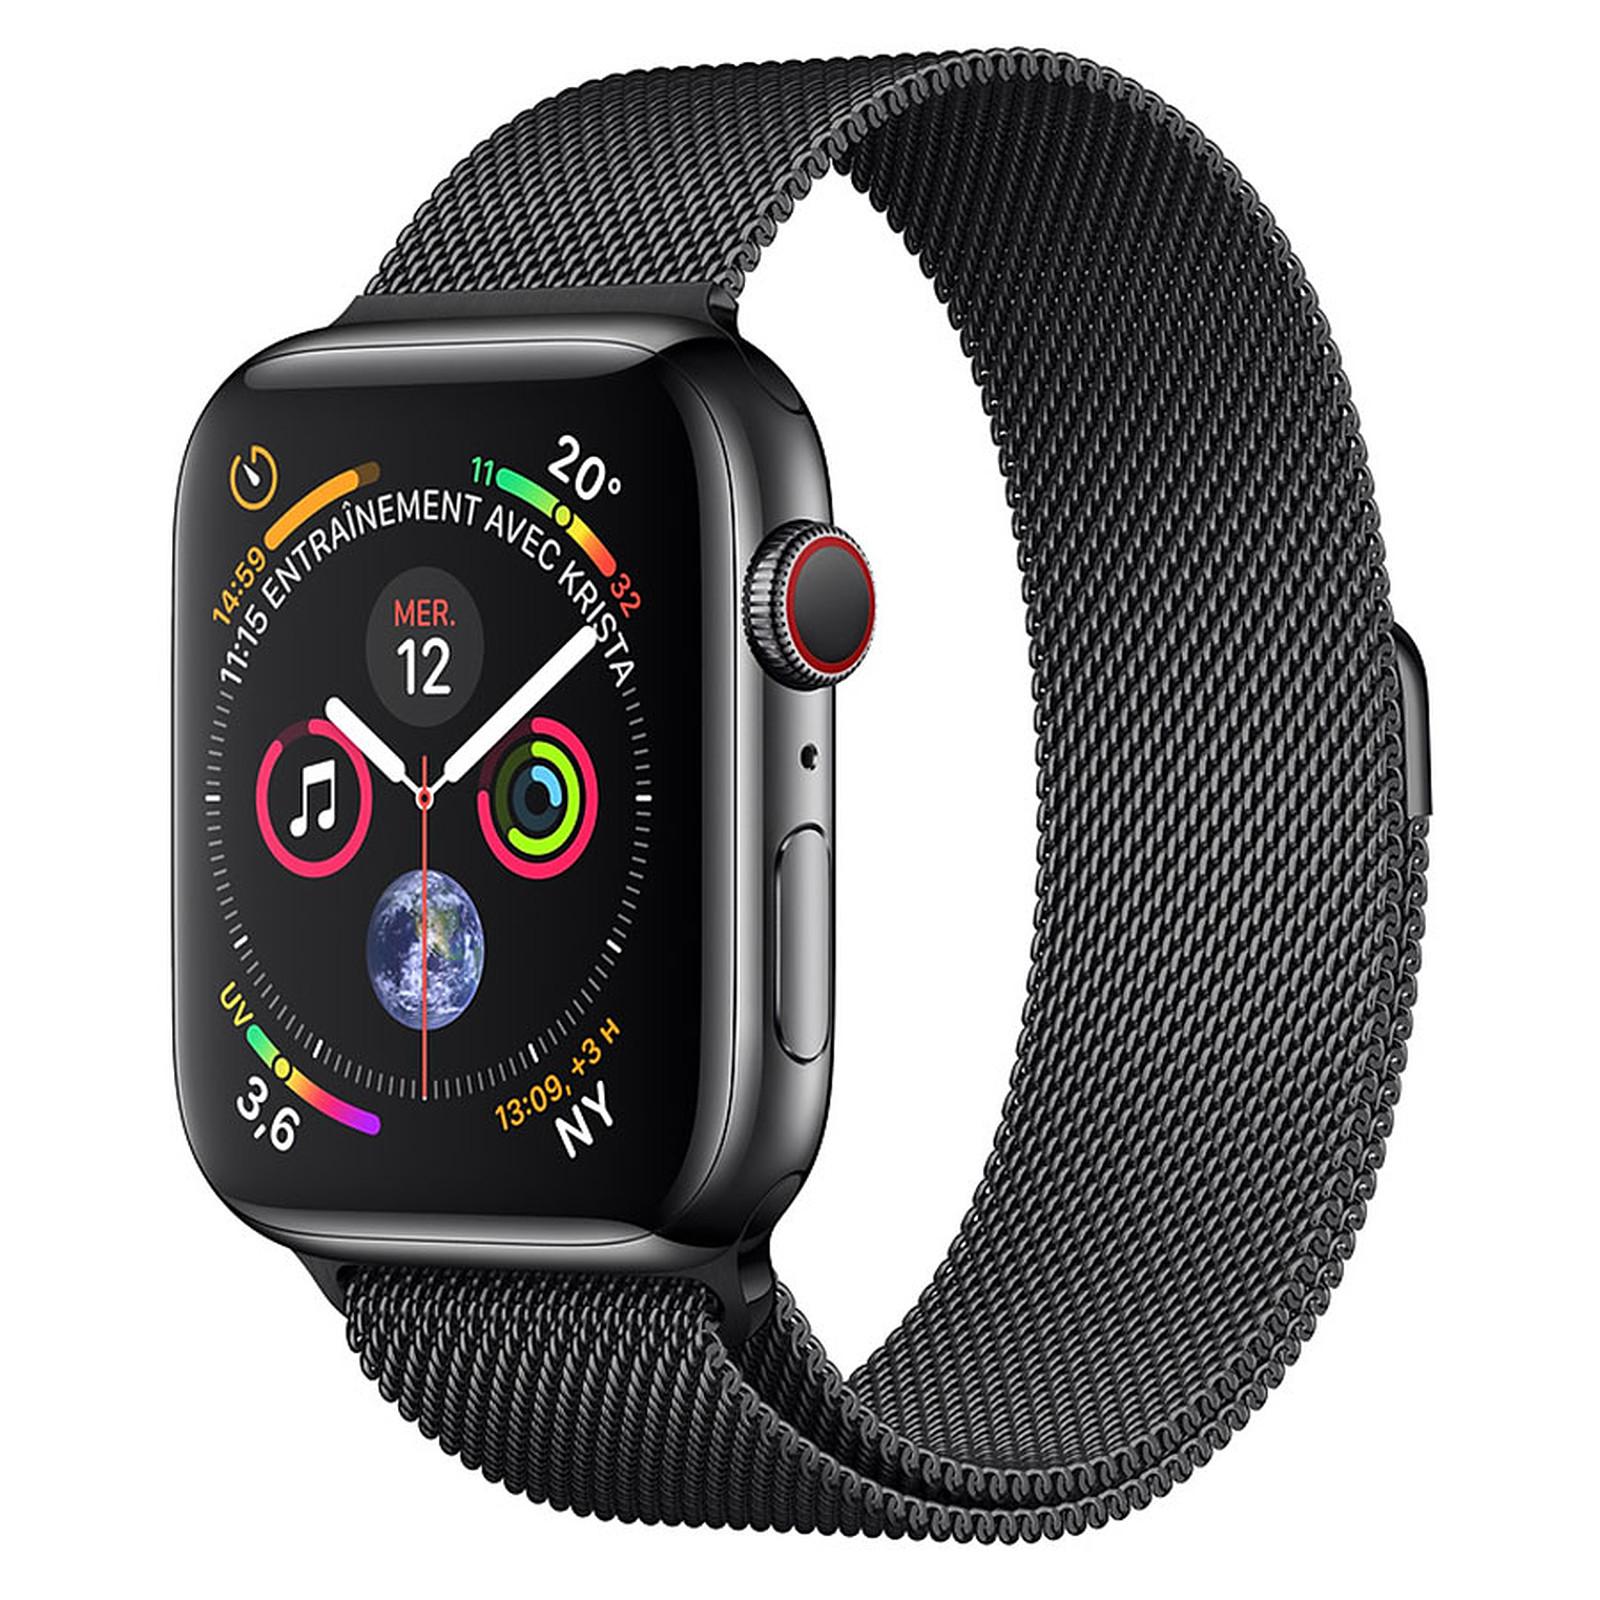 Apple Watch Series 4 GPS + Cellular Acier Noir Milanais Noir 40 mm